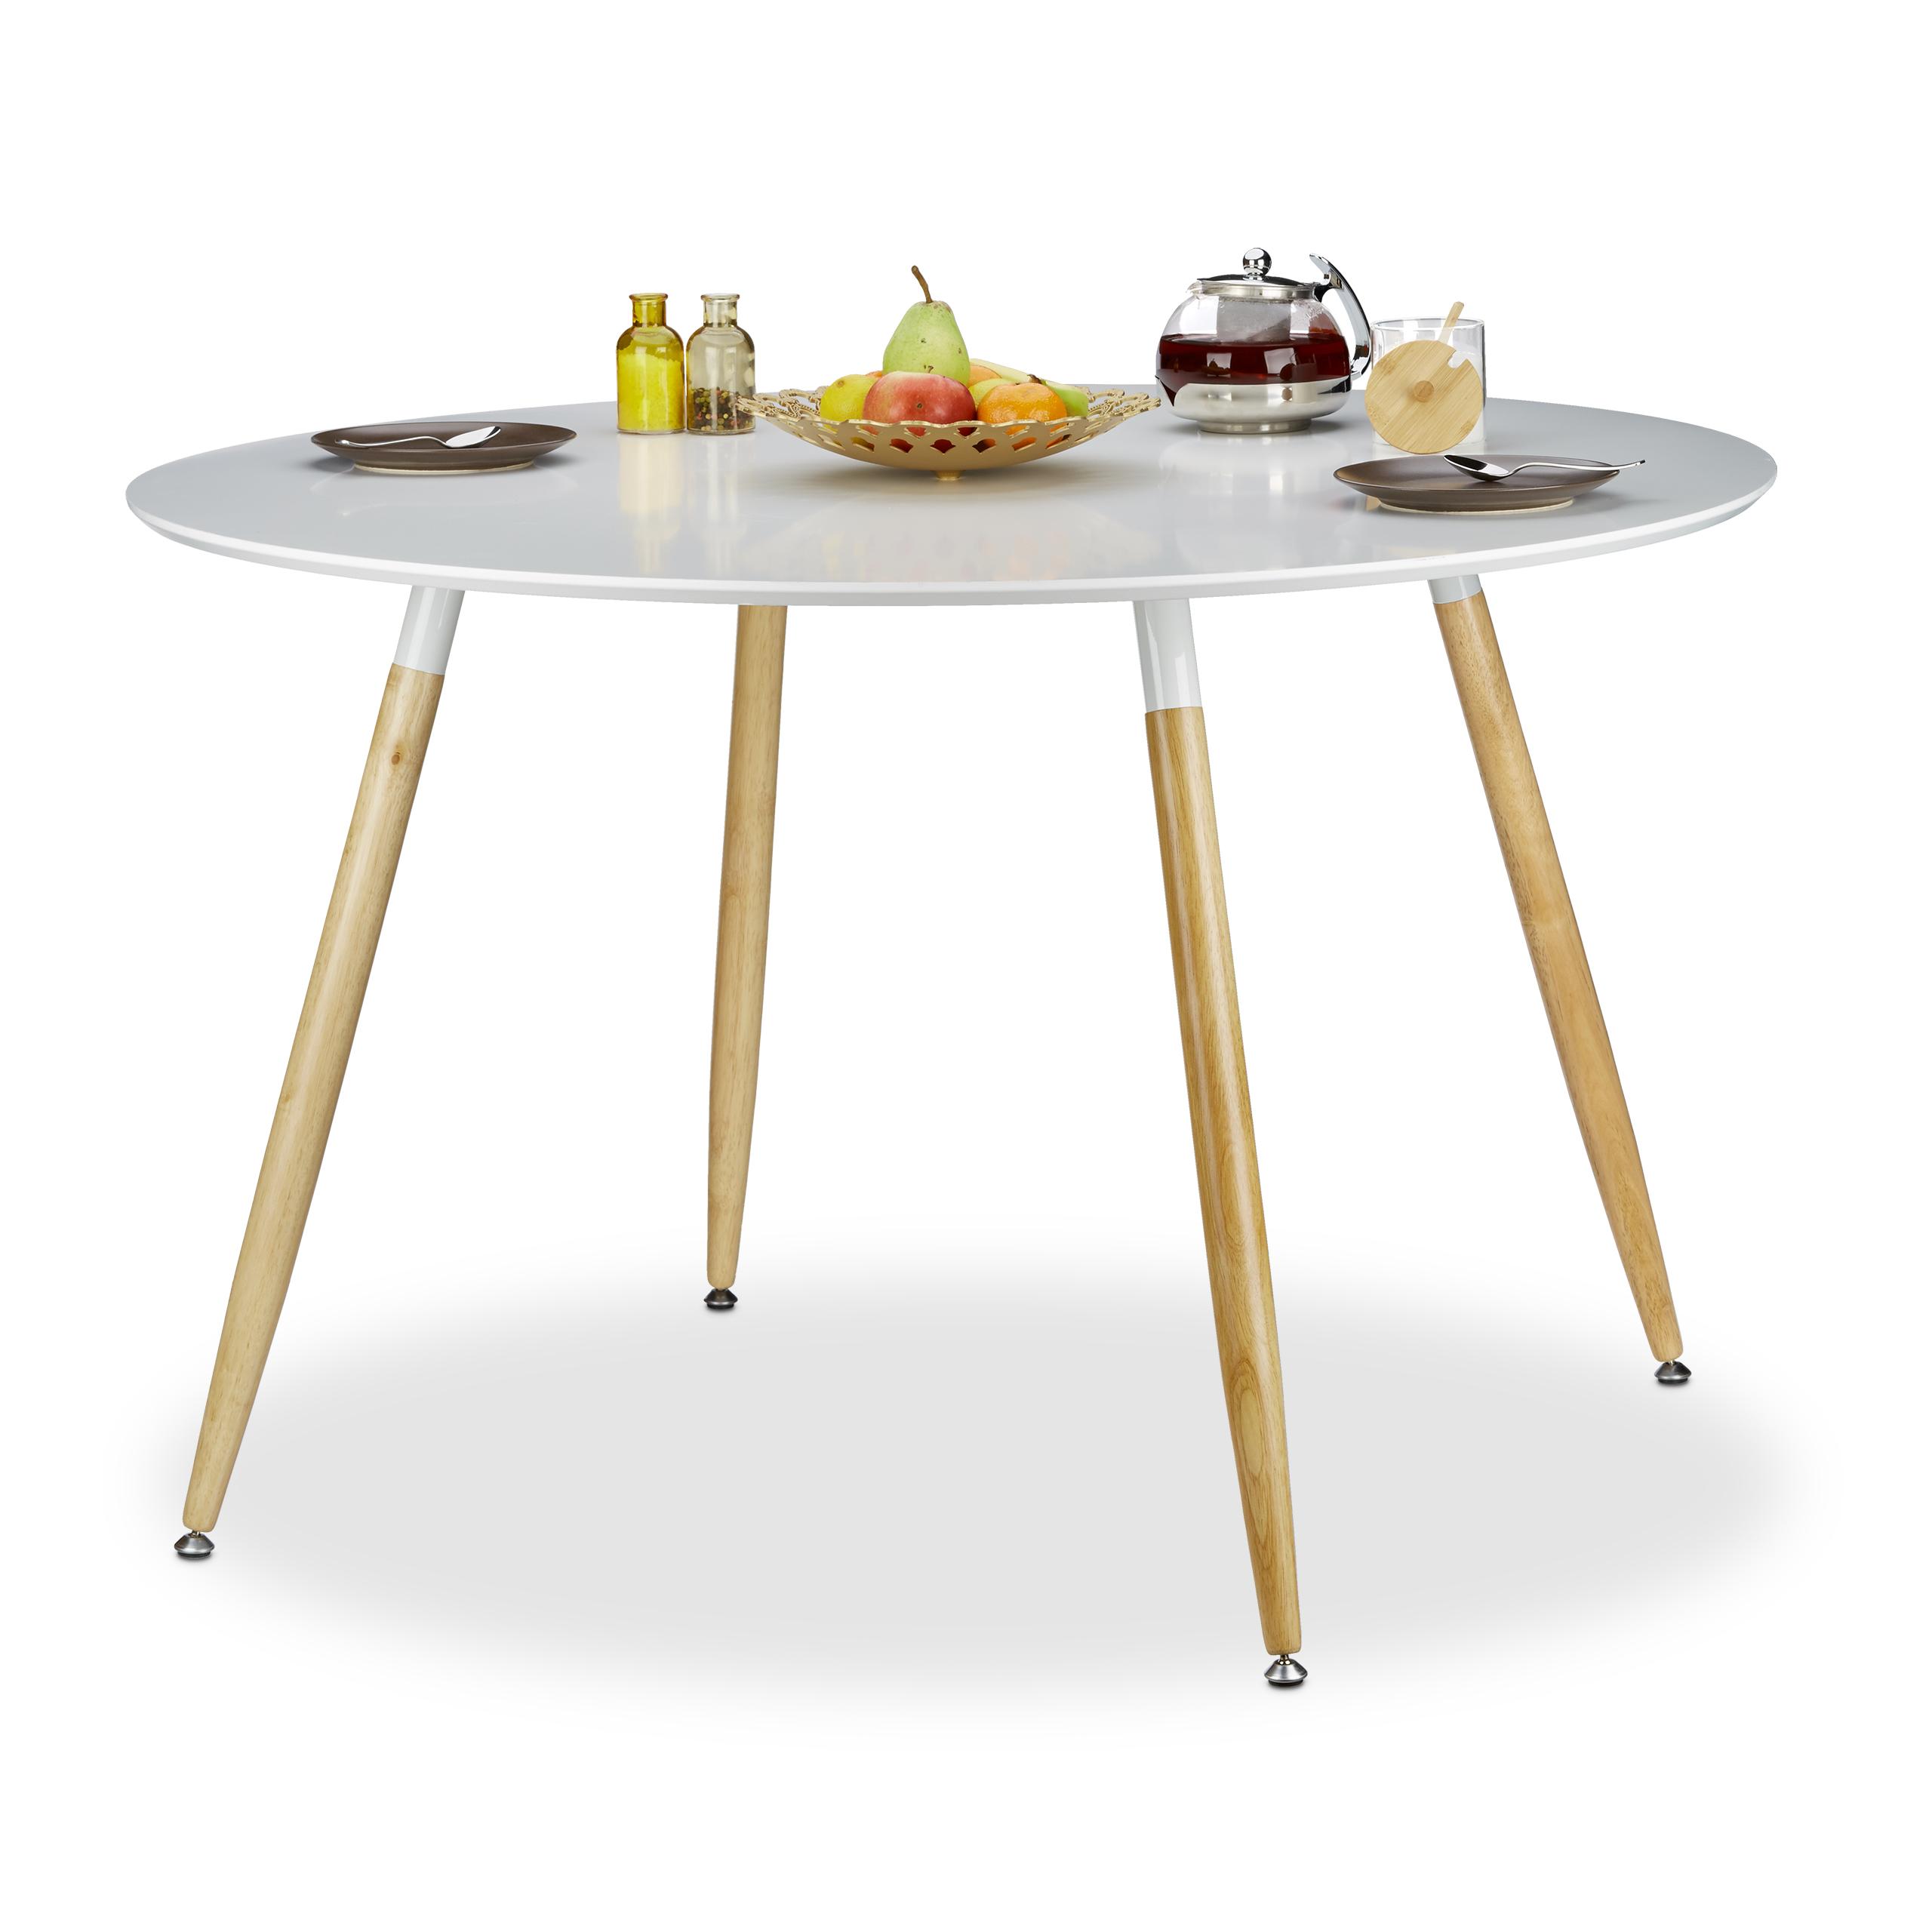 Esstisch rund, Holz, 6 - 8 Personen Esszimmertisch, nordisch Design ...